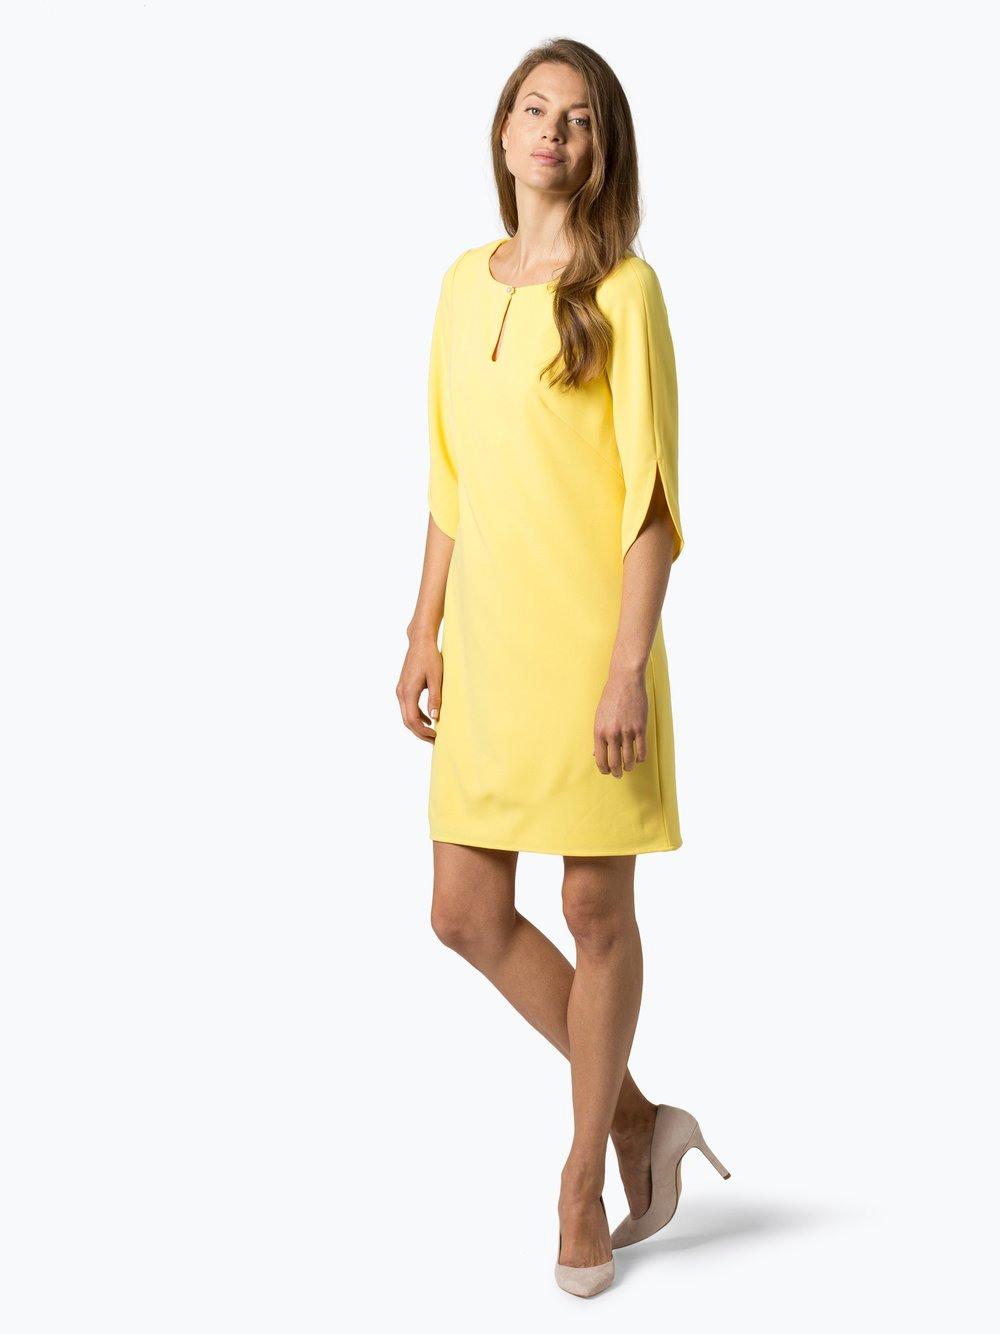 Abend Luxurius Comma Abendkleider Design17 Spektakulär Comma Abendkleider Vertrieb